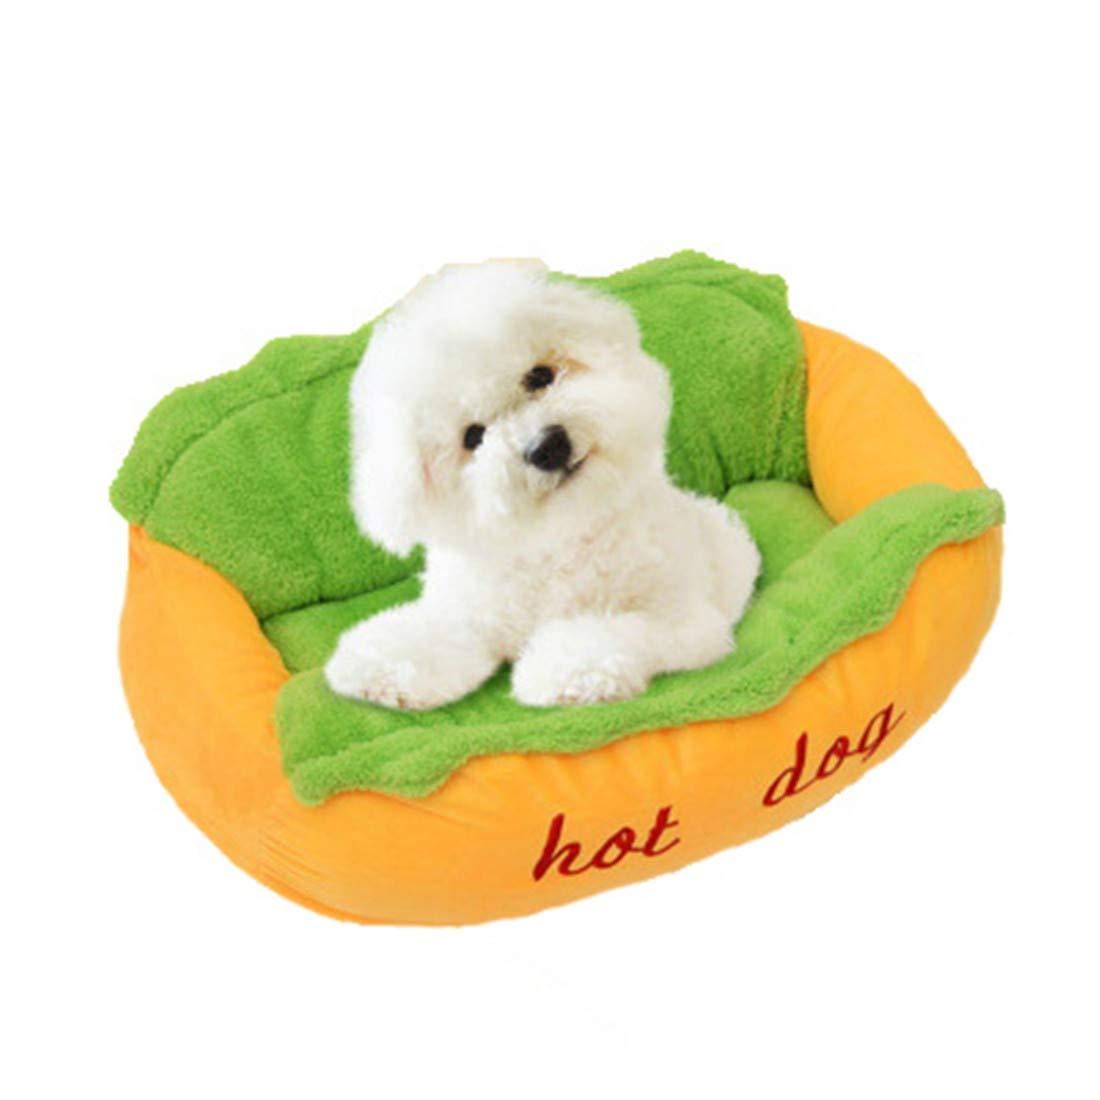 TRE Creativo Hot Dog Dog Dog Forma Canile Breve Peluche Nido Di Gatto Tappeto Per Animali Domestici Pulizia Rimovibile Fondo Antiscivolo Confortevole Soft   2 Dimensioni acf67c